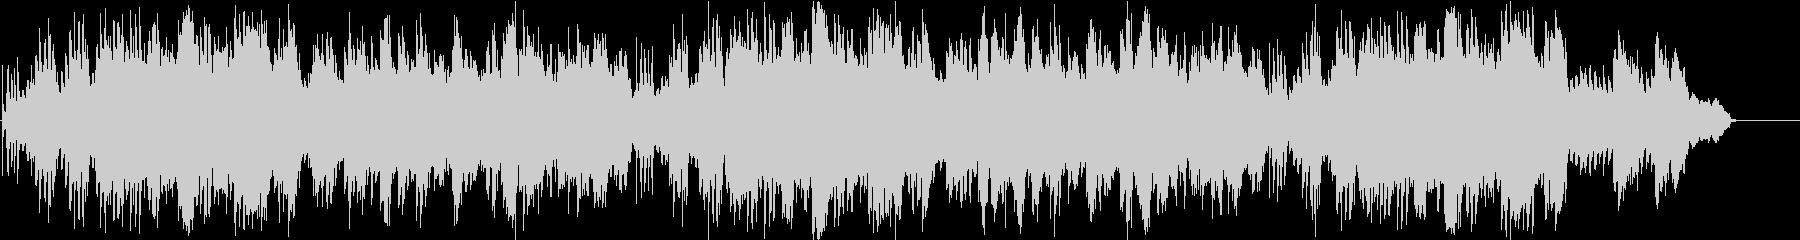 ピアノ 上品 のどか 幸福 ゆったりの未再生の波形